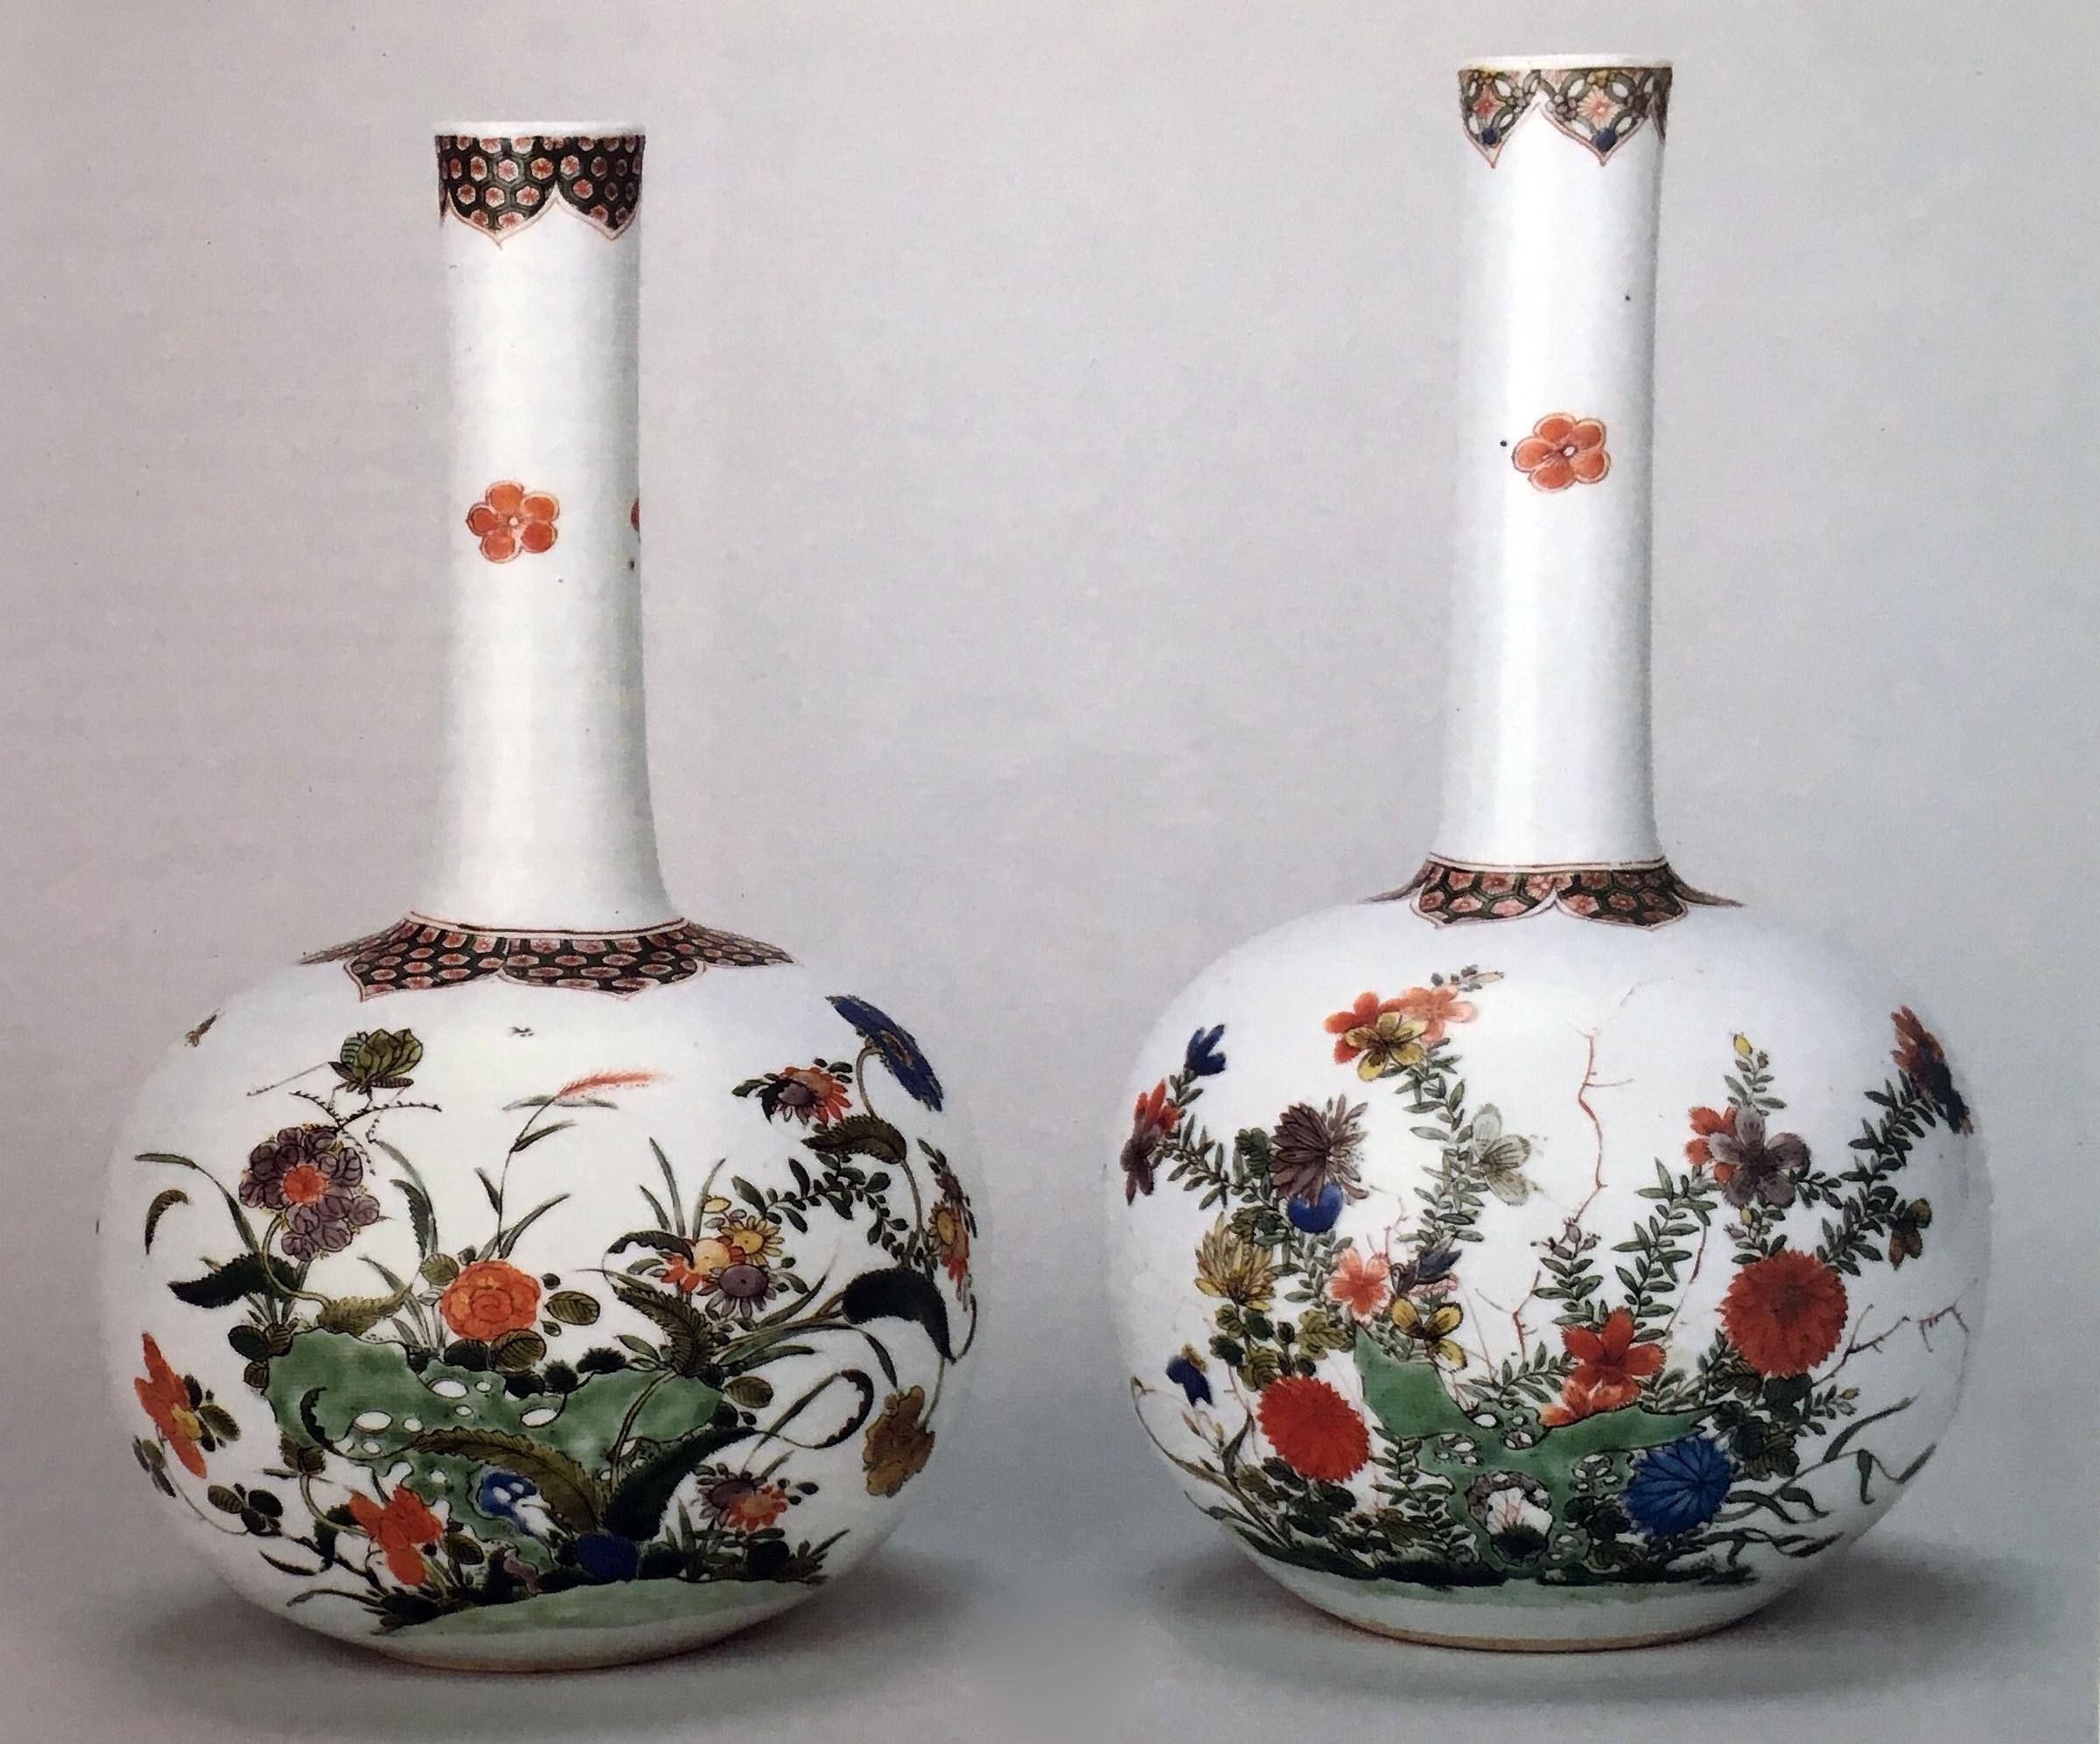 blue glass stones for vases of two rare chinese famille verte bottle vases kangxi 1662 1722 inside two rare chinese famille verte bottle vases kangxi 1662 1722